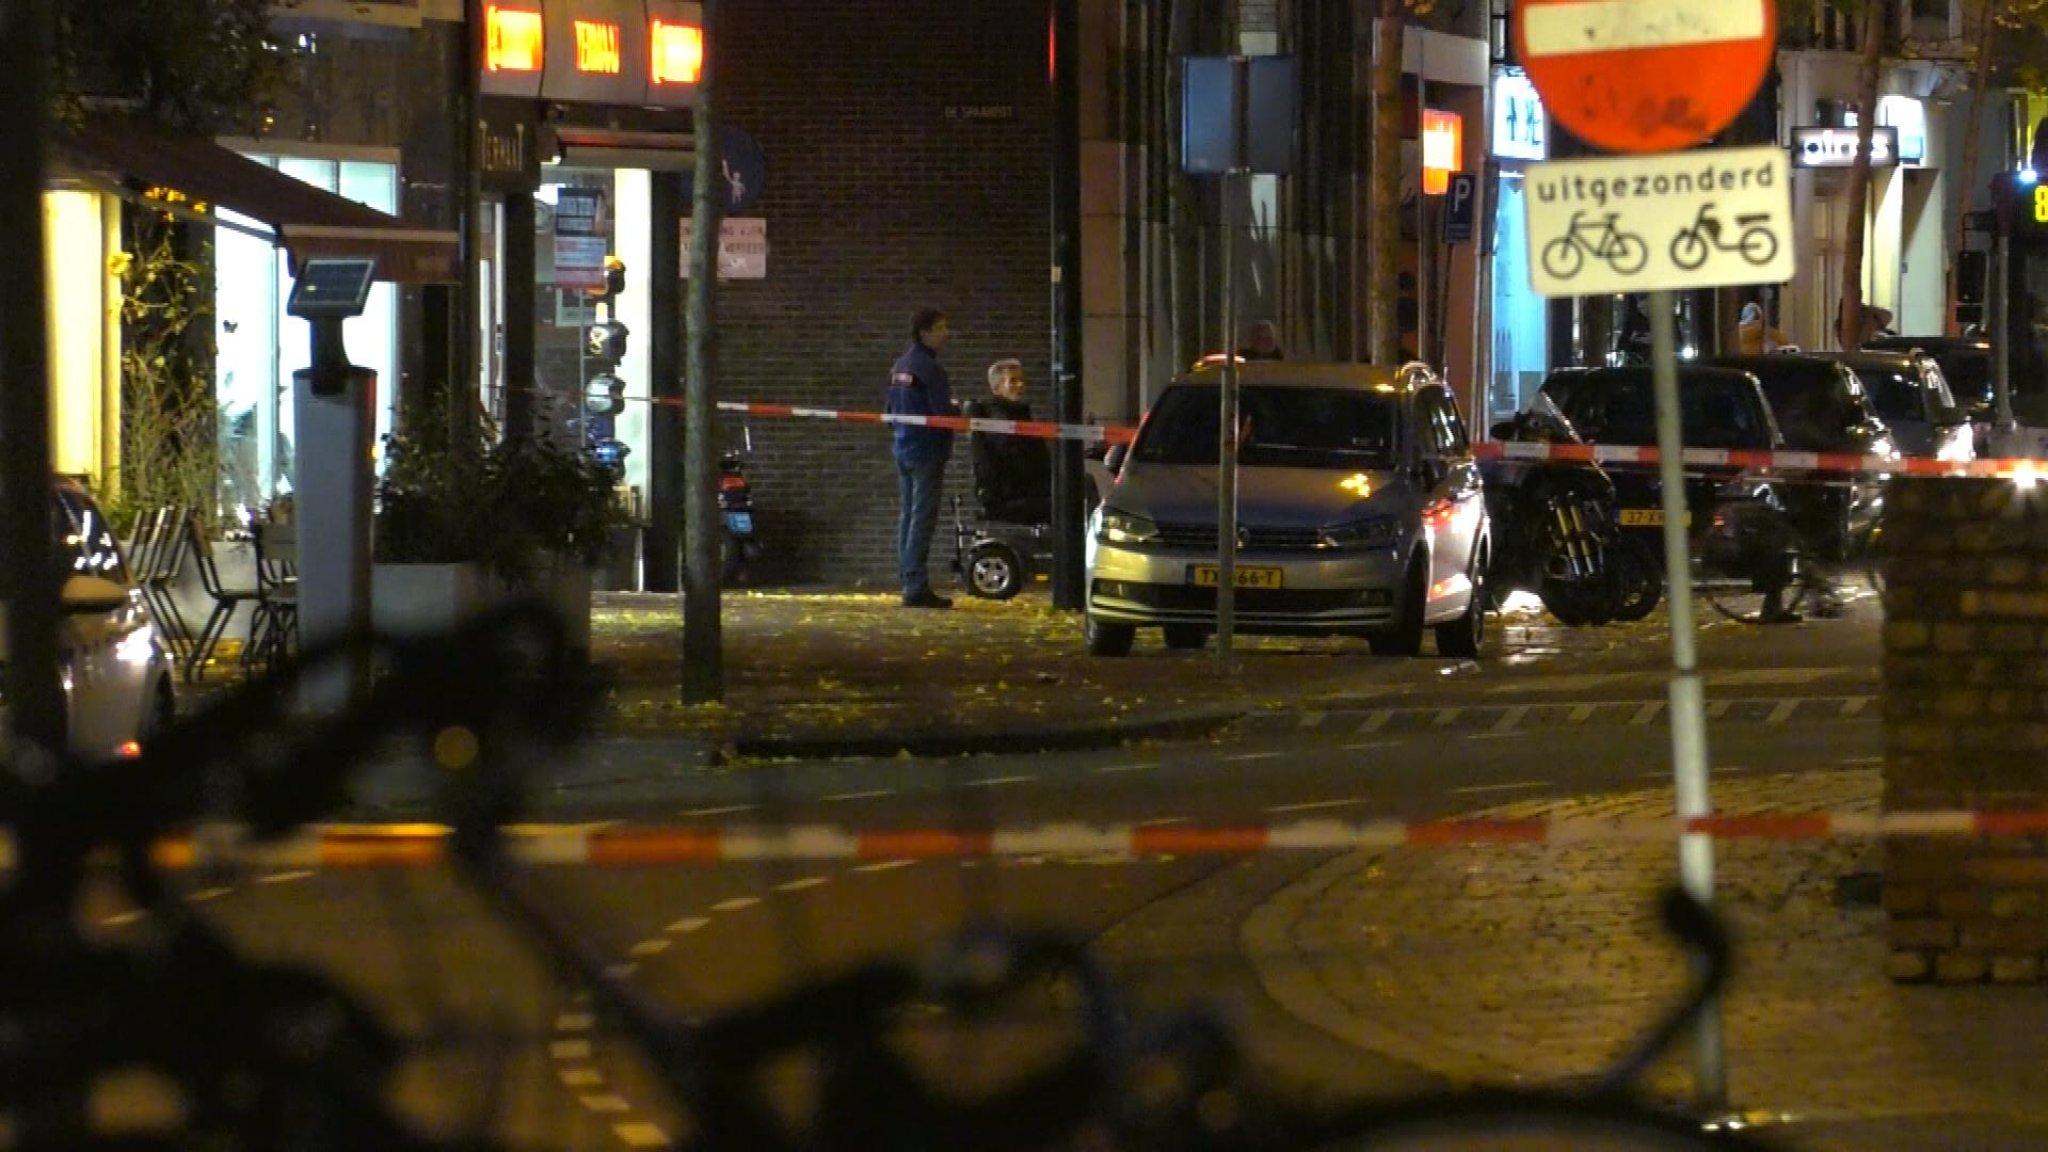 Straten in centrum Nijmegen afgesloten, melding van persoon met vuurwapen - RTL Nieuws